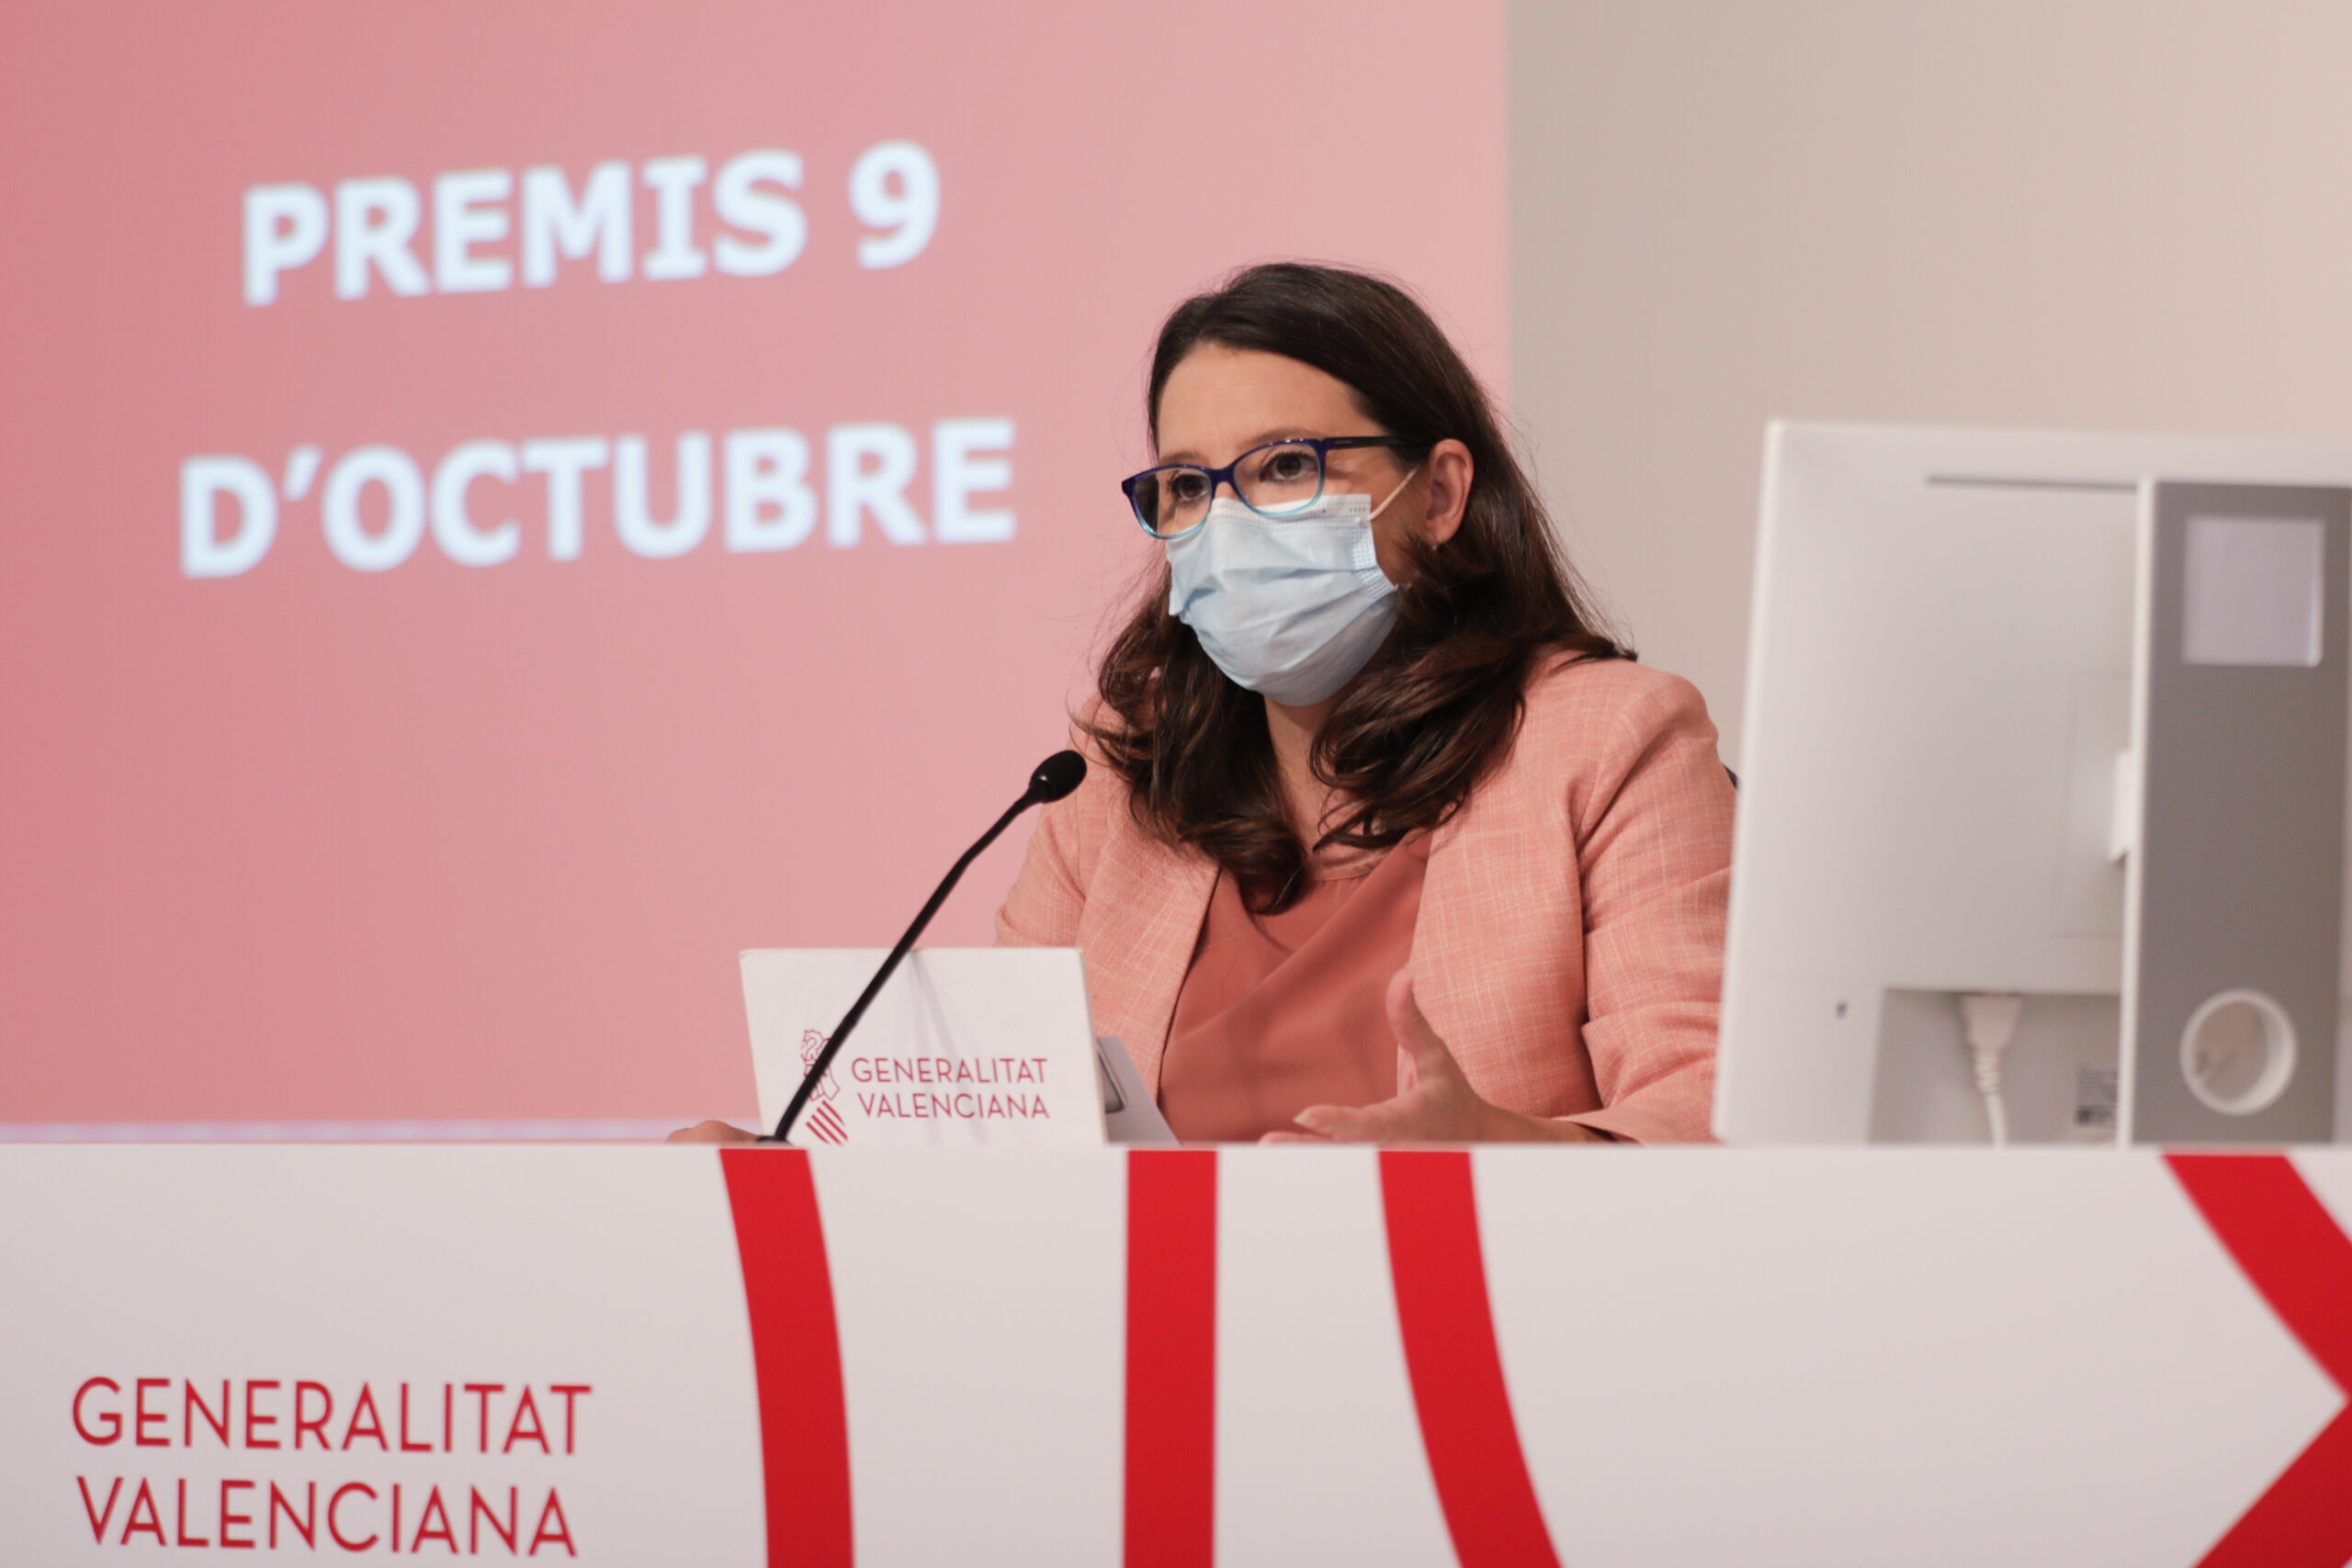 El Consell otorga la Alta Distinción de la Generalitat a los equipos de vacunación contra la COVID-19 en la Comunitat Valenciana